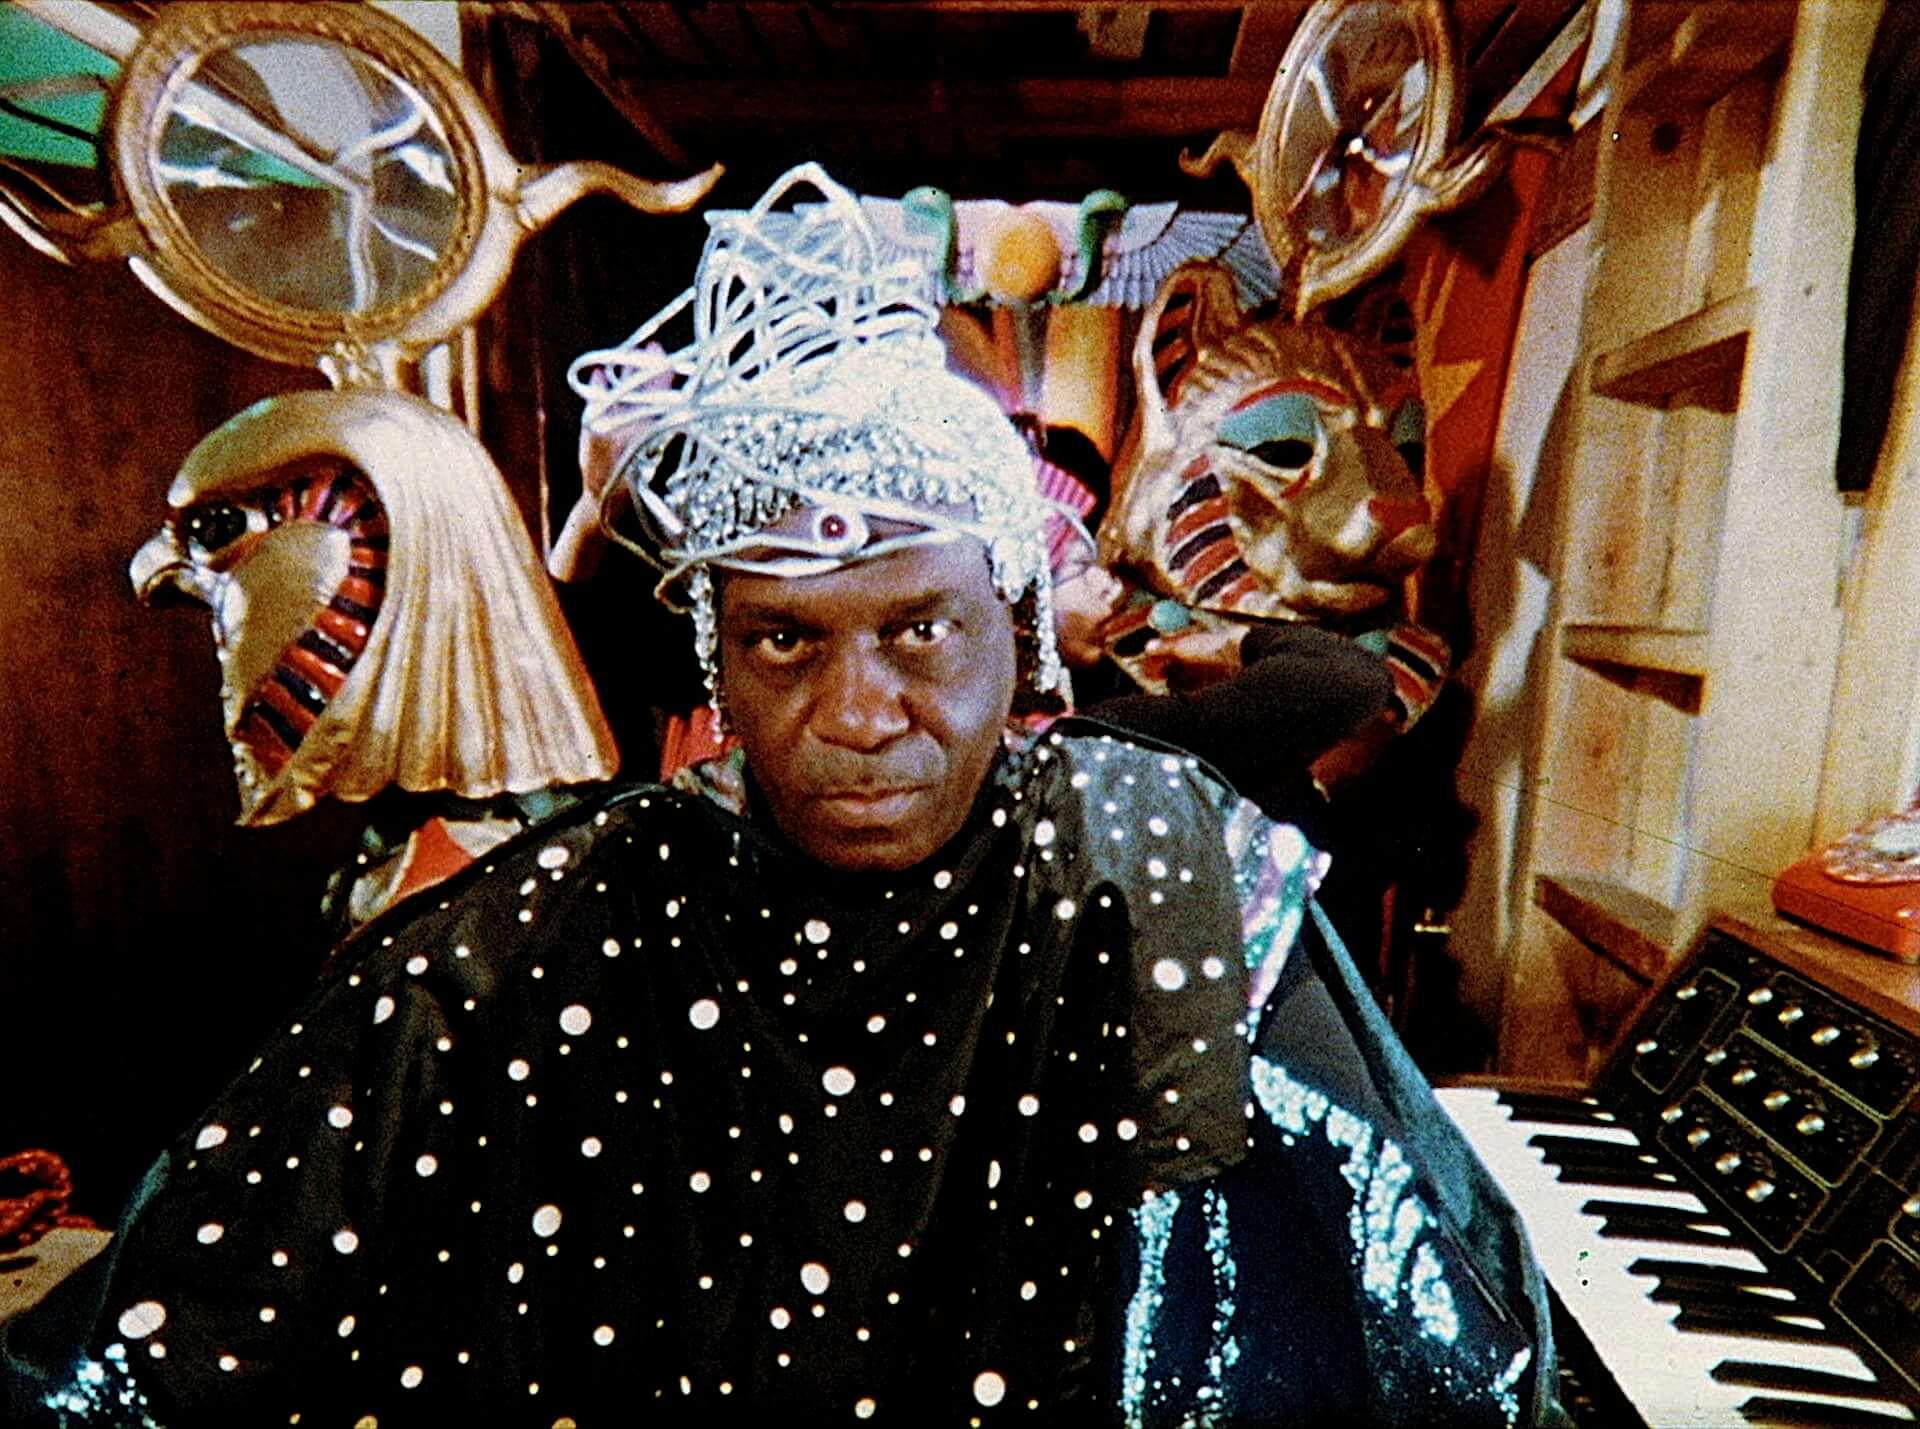 Sun Raの演奏によるソウルパワーで会場が大変なことに!映画『サン・ラーのスペース・イズ・ザ・プレイス』のライブシーンが解禁 film210108_sunra_4-1920x1429